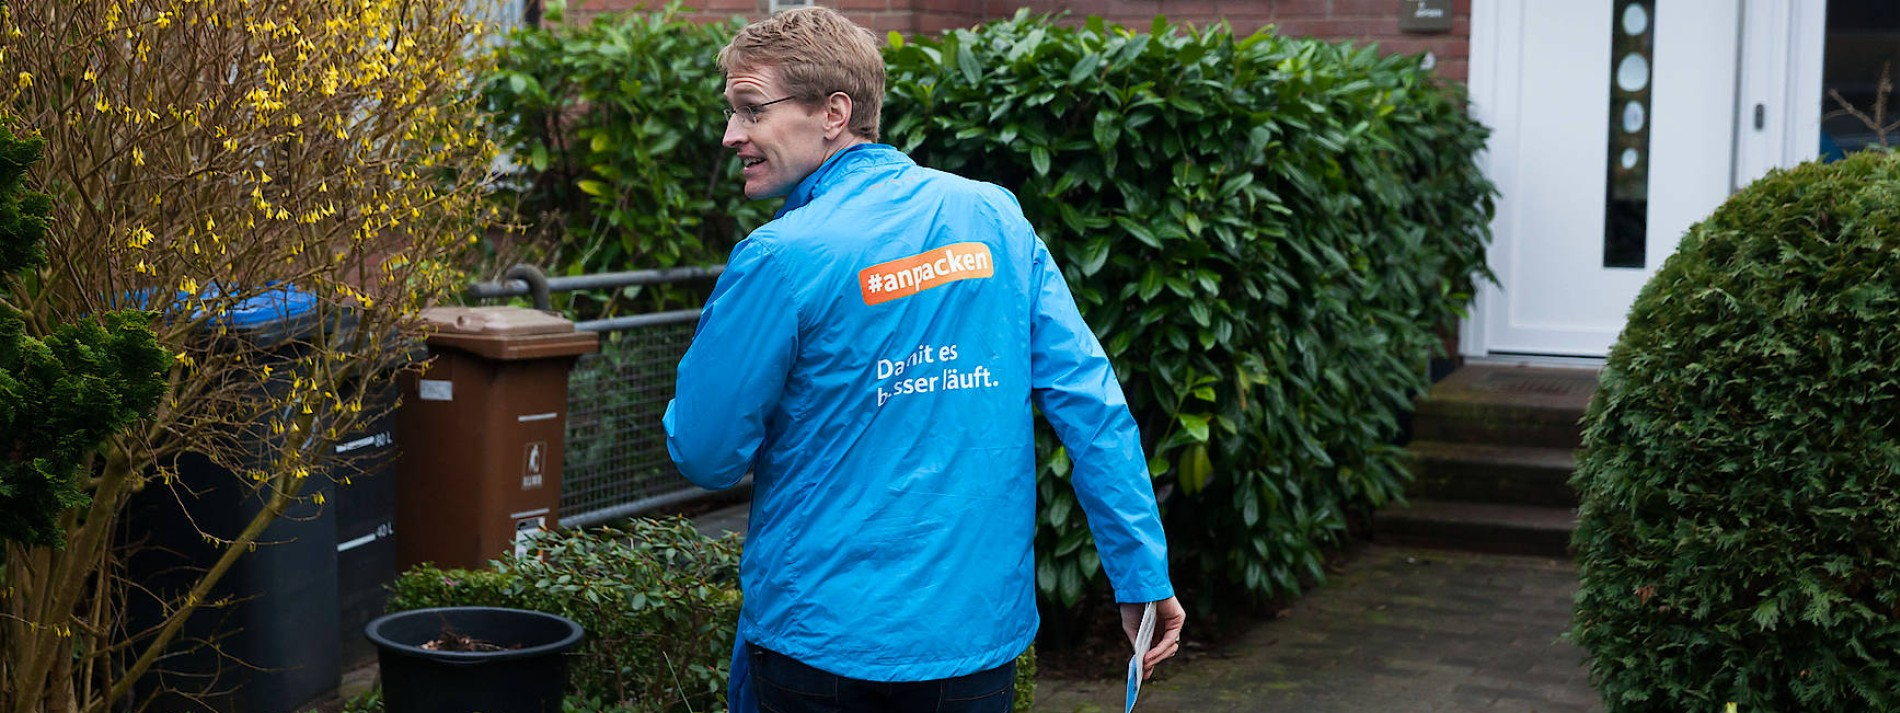 Wer ist eigentlich der Kandidat der CDU in Schleswig-Holstein?